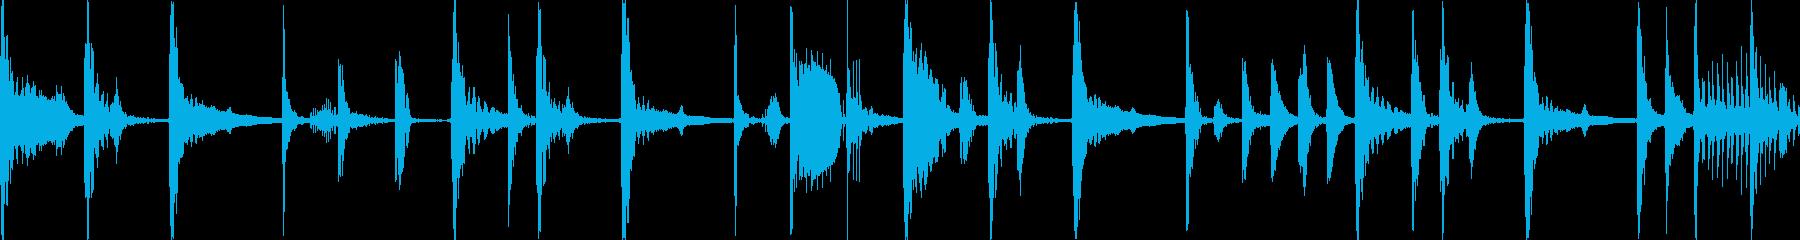 ジャングル多国籍民族のBGM_LOOPの再生済みの波形